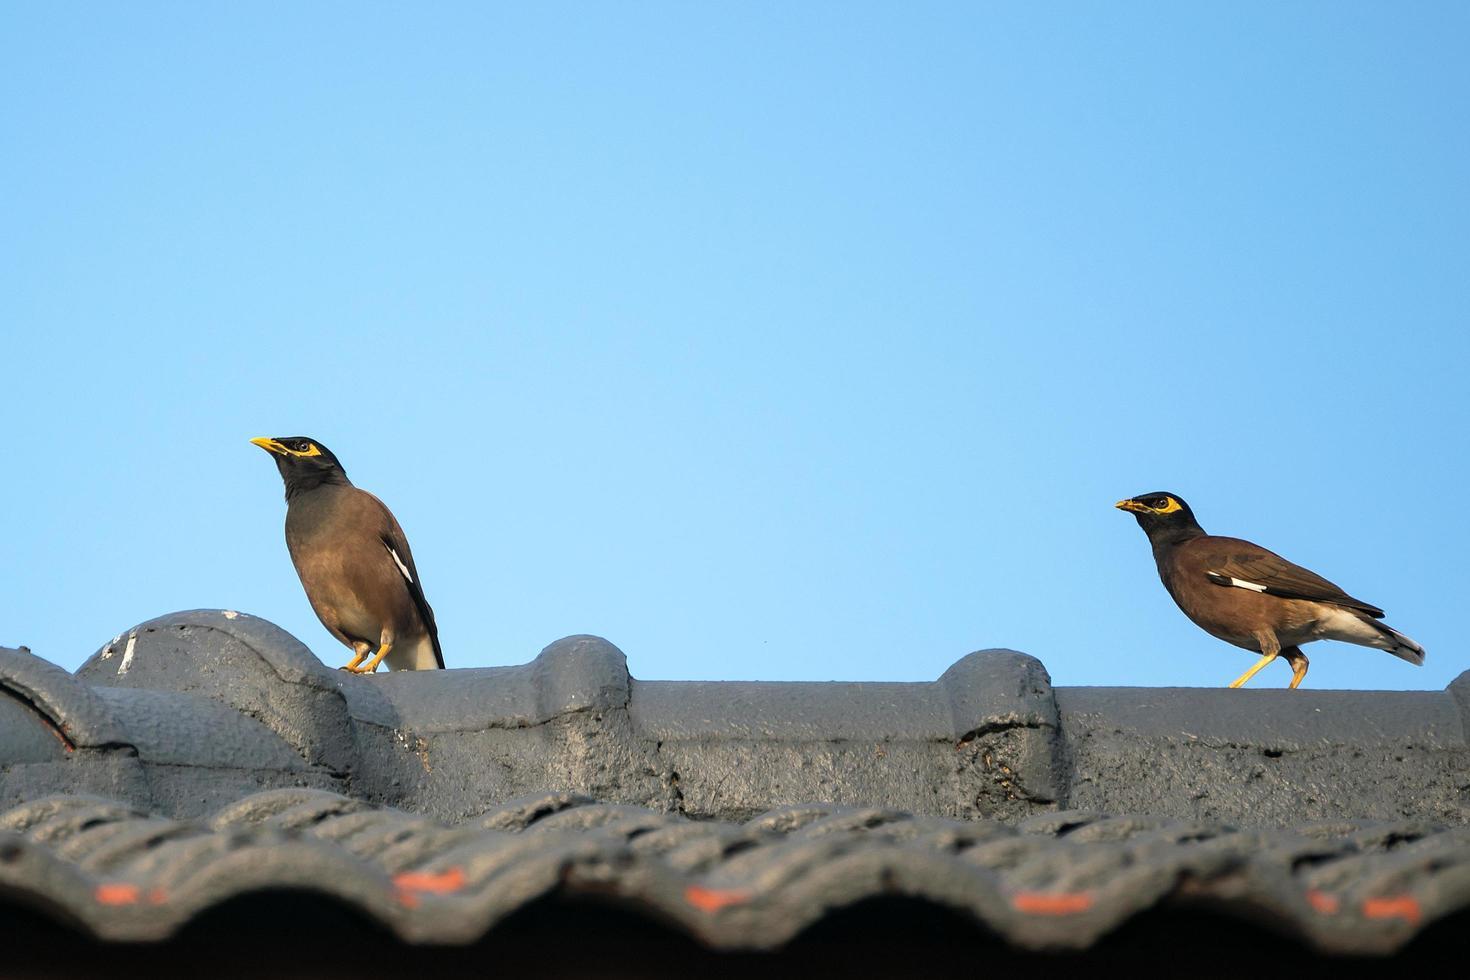 Zwei Vögel hockten auf einem Dach foto